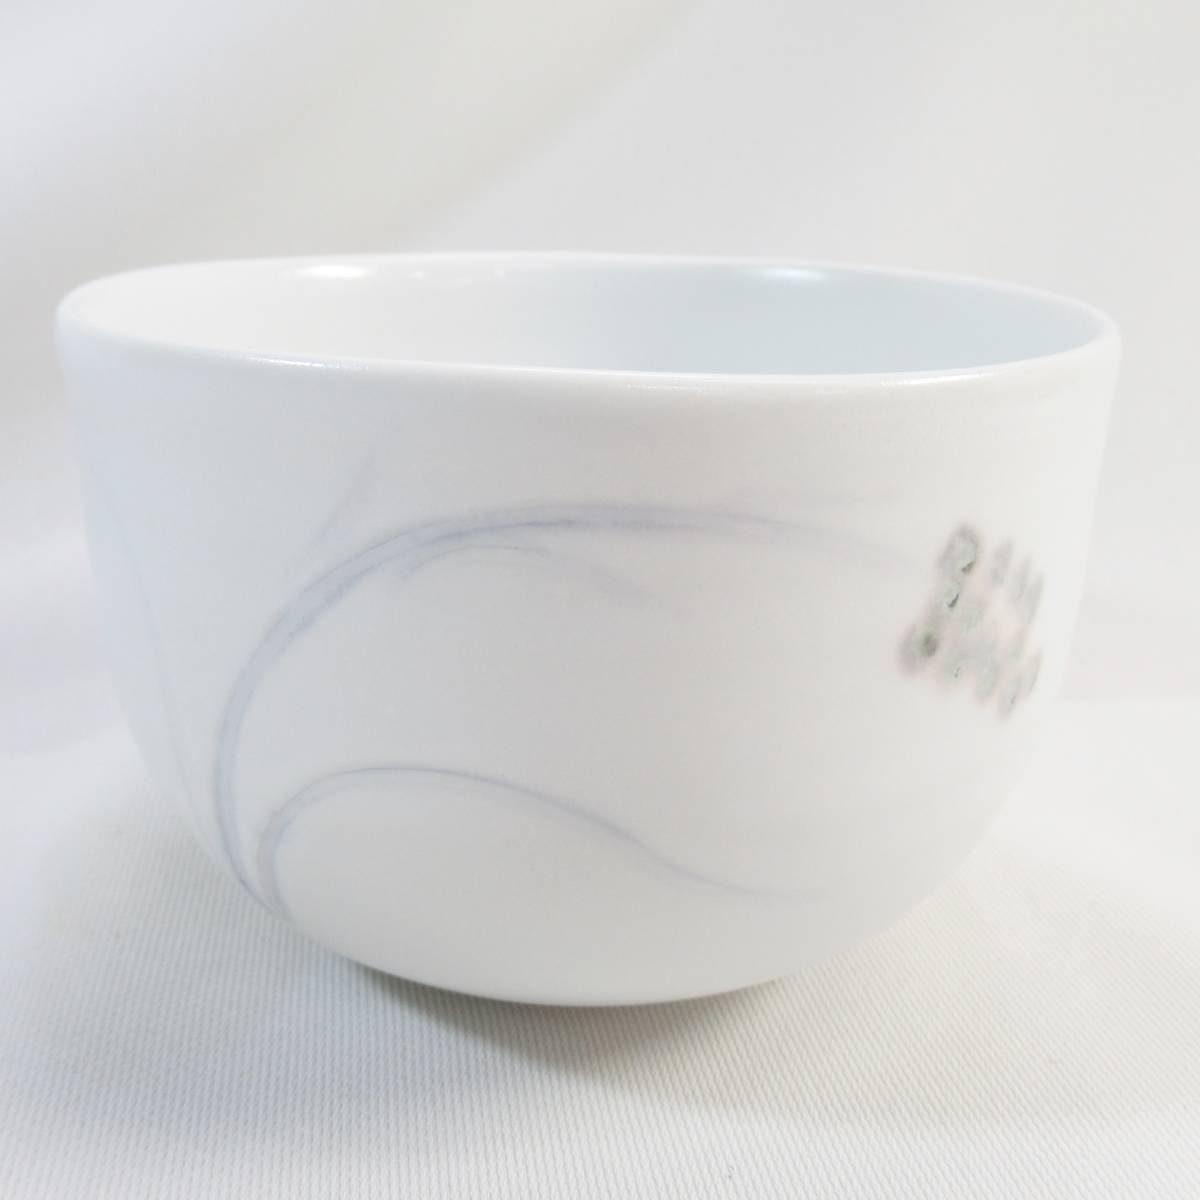 今日の買取情報はとてもステキな図柄の抹茶碗でした。出石焼 永山作 白磁鈴蘭図茶碗